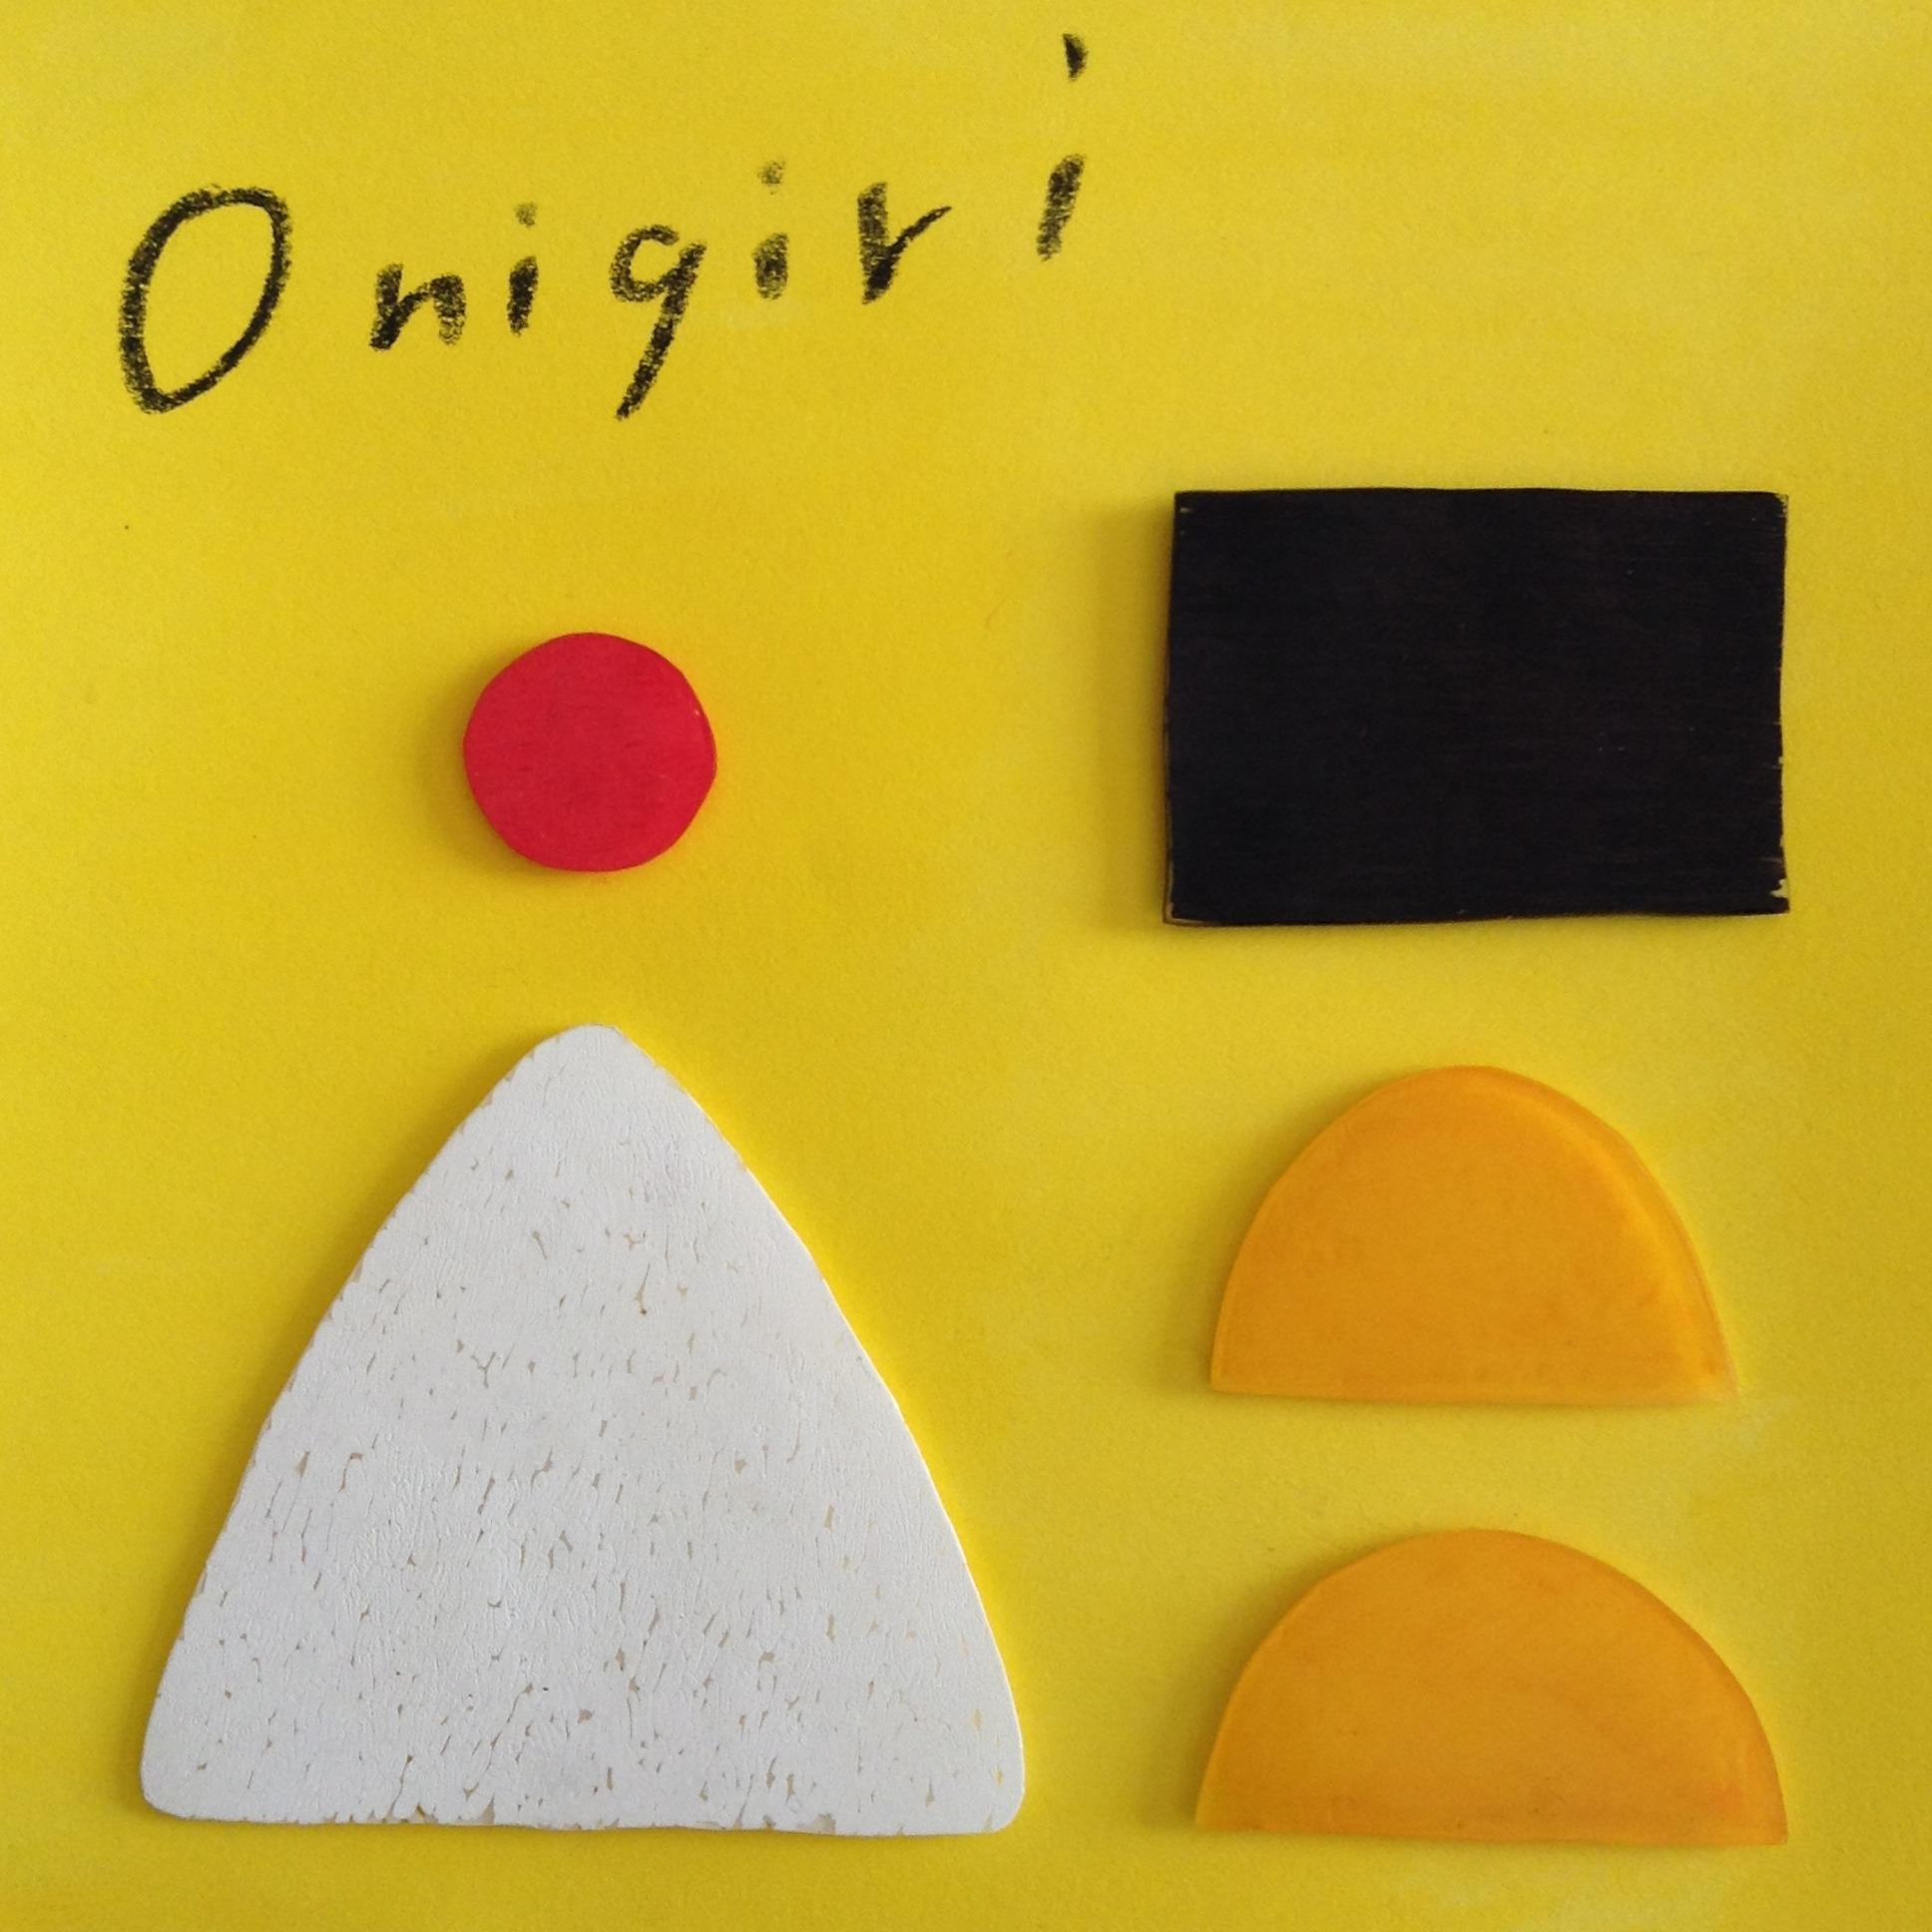 「Onigiri」